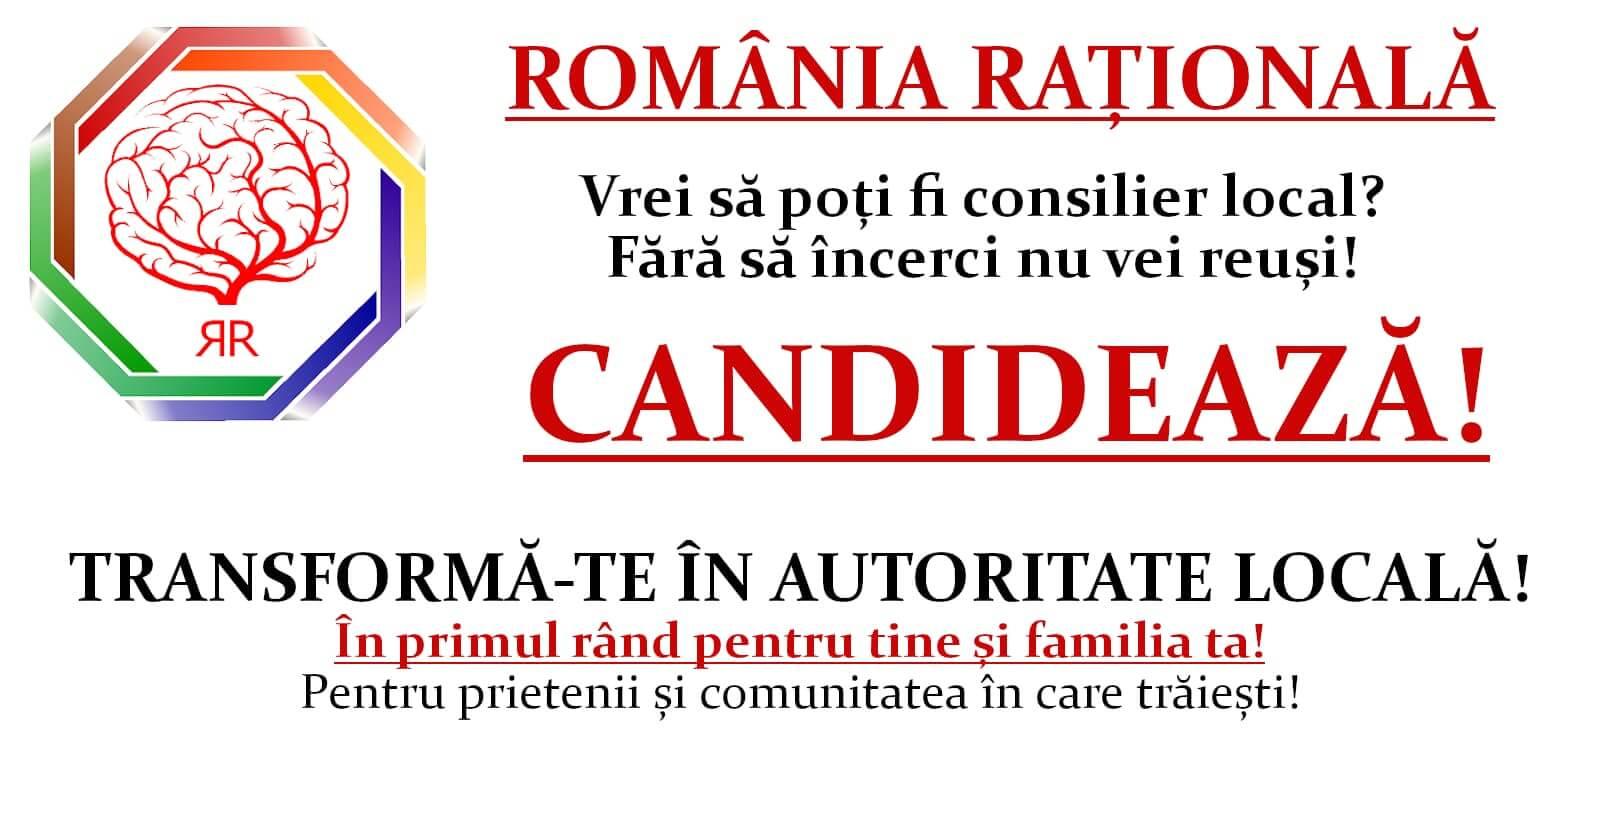 https://ziarul.romania-rationala.ro/control/articole/articole/romania-rationala-candideaza-pentru-tine-si-familia-ta.jpg